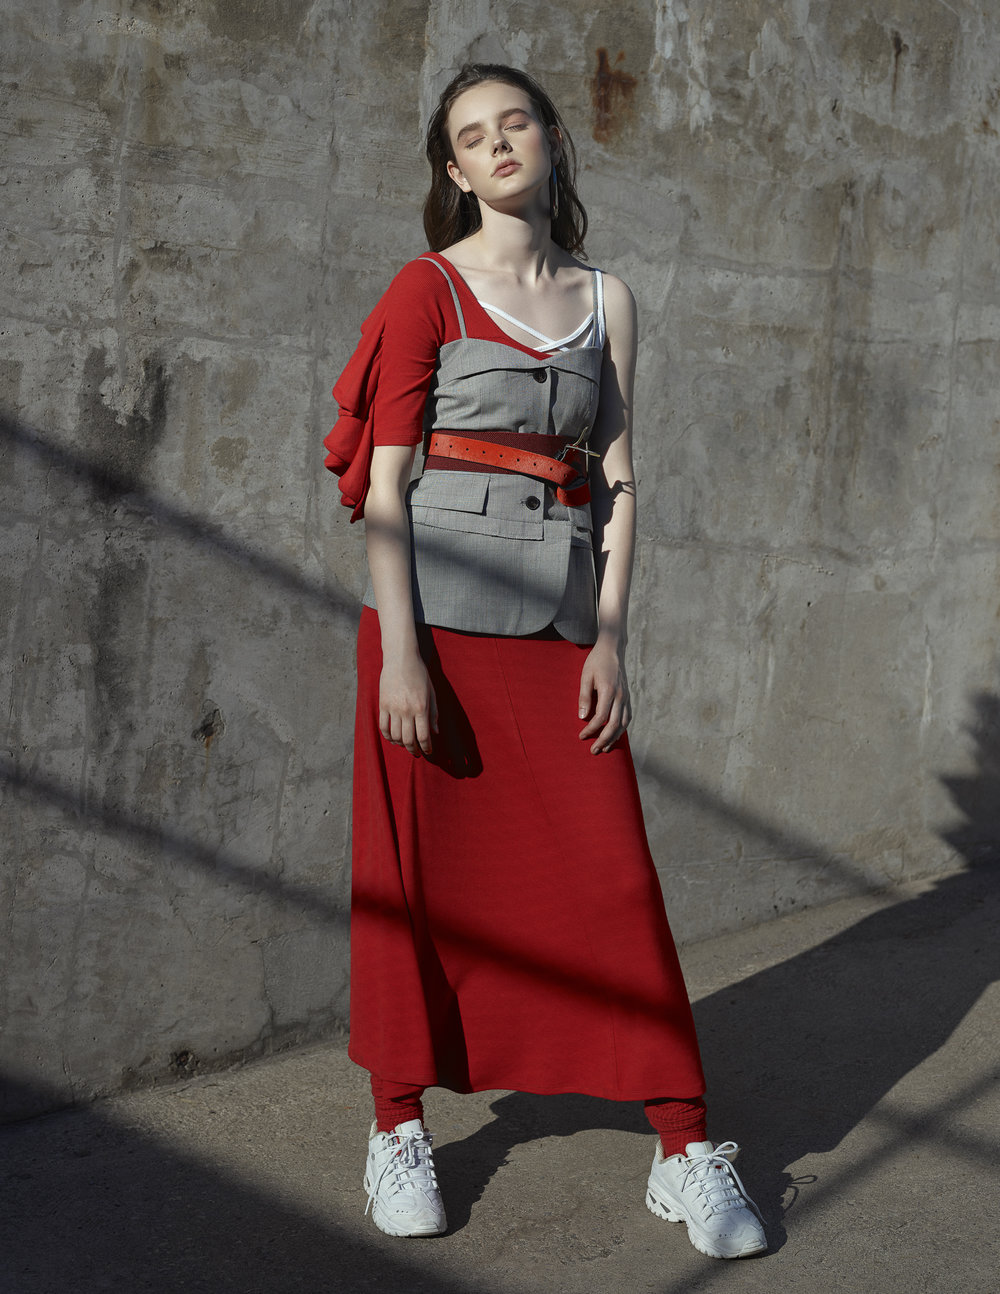 Toronto Fashion Photographer